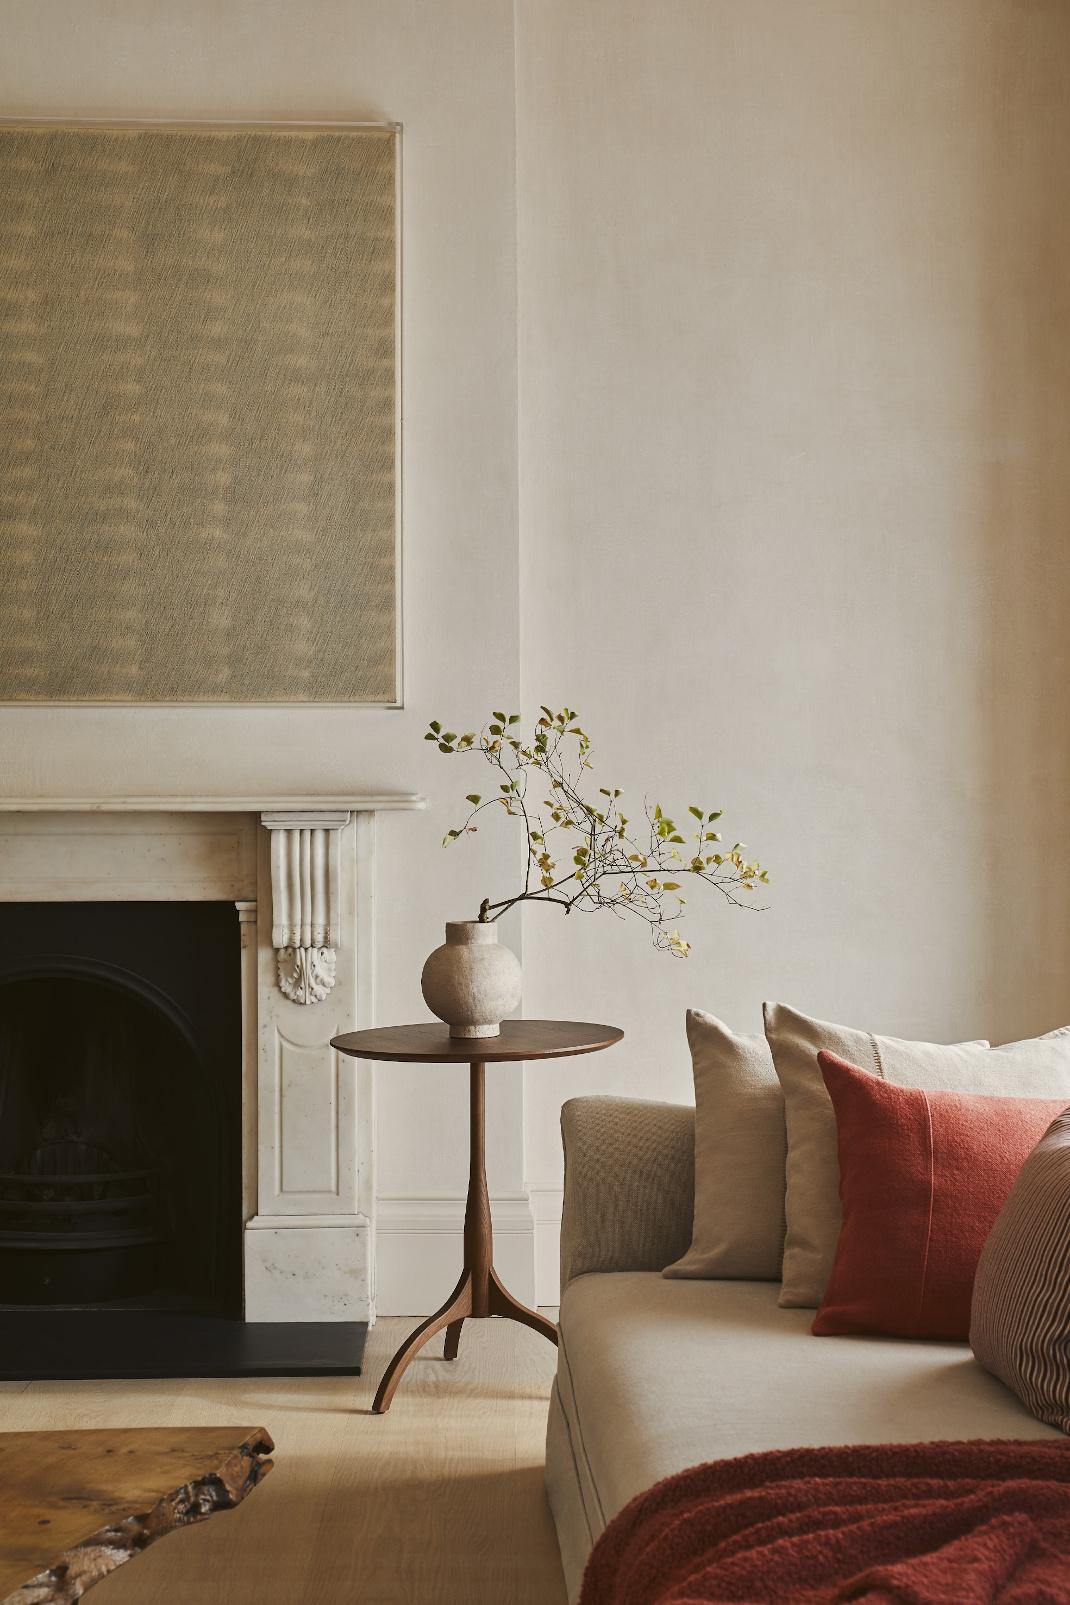 Σαλόνι διαμερίσματος με βάζο Zara Home σε τραπέζι